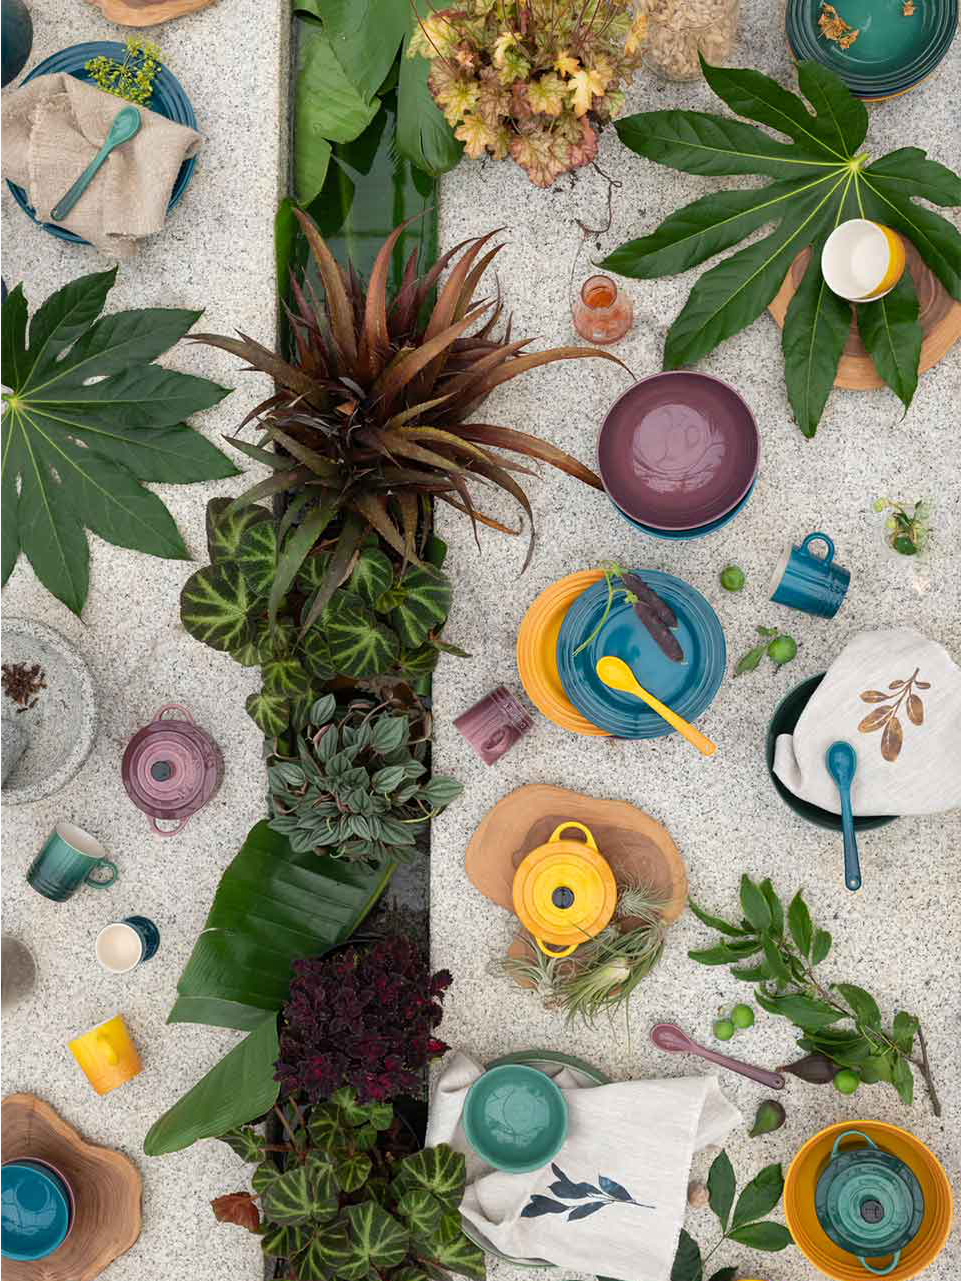 《Le Creuset》2021春夏陶瓷系列Lookbook